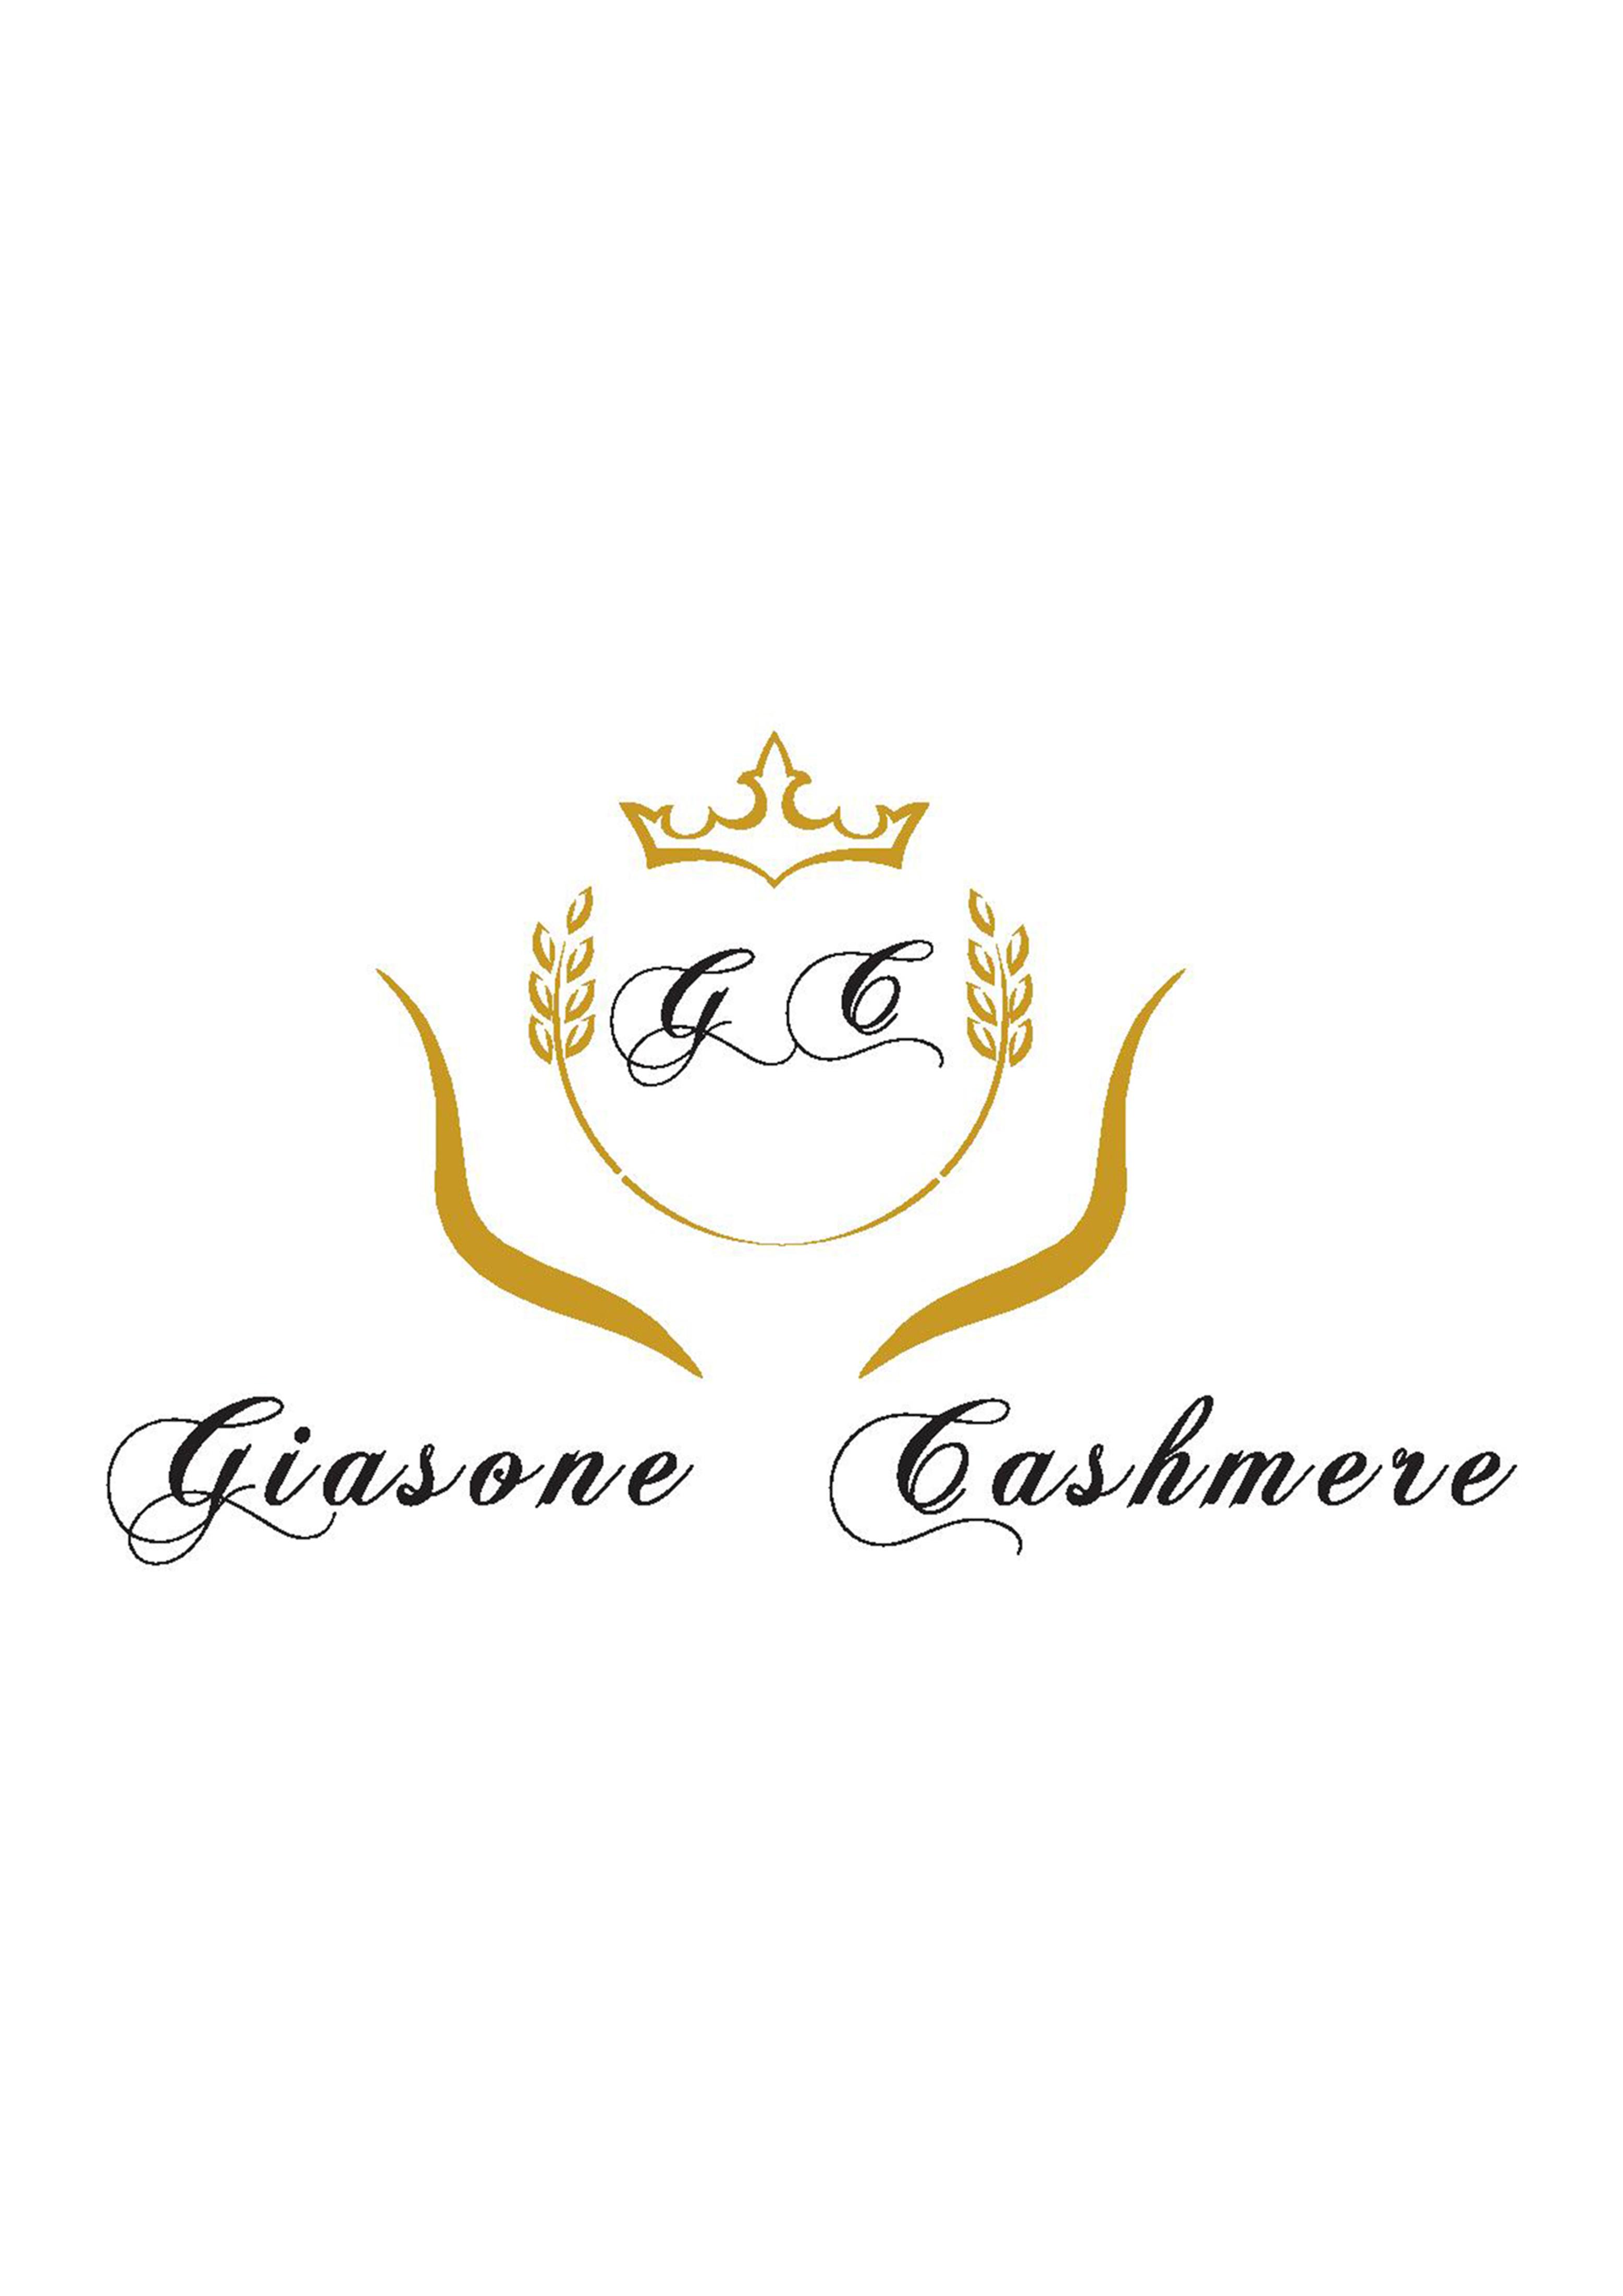 Giasone-ORO3